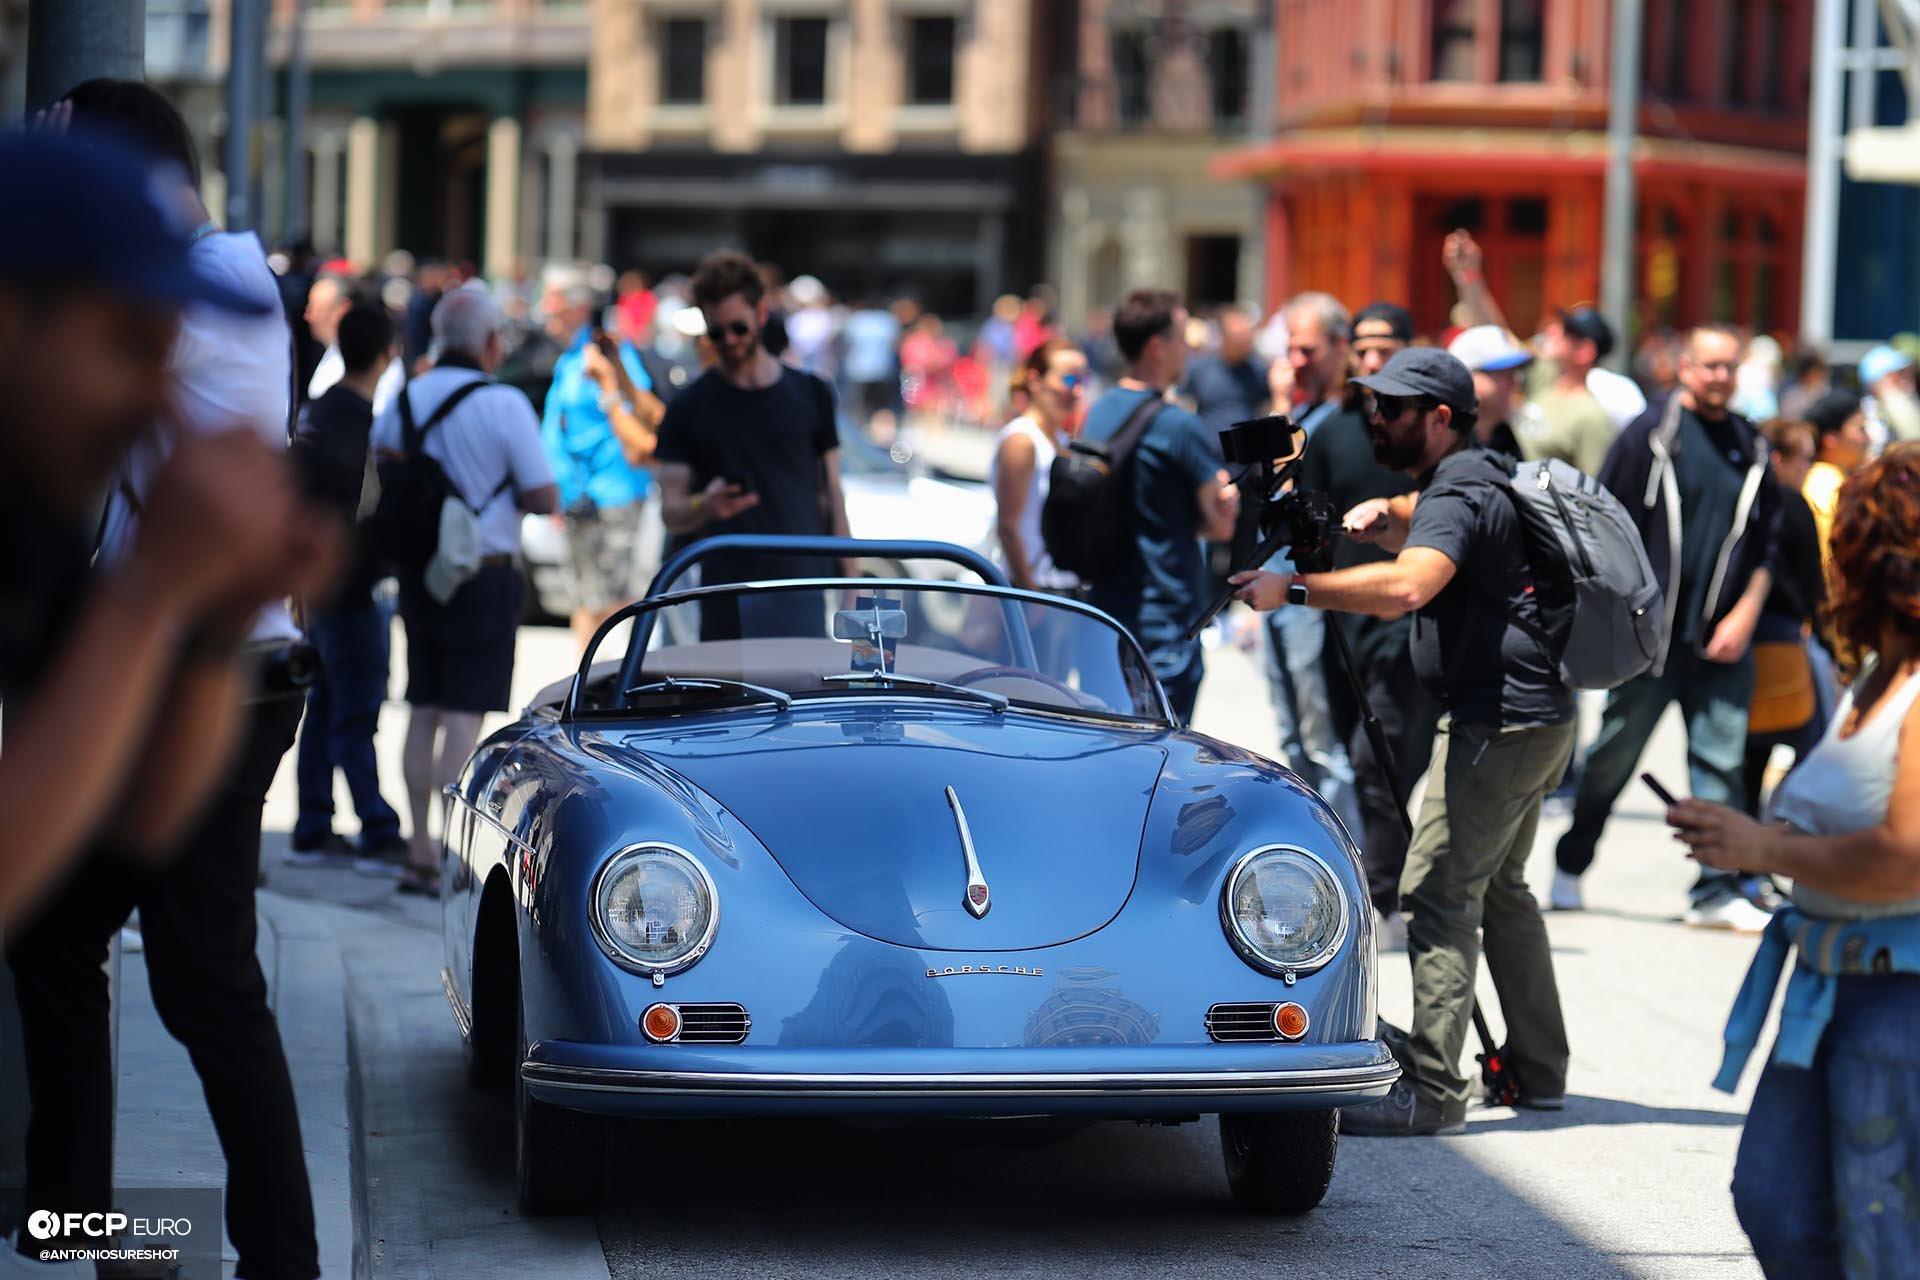 Luftgekühlt Air Cooled Porsche Universal Pictures Back Lot